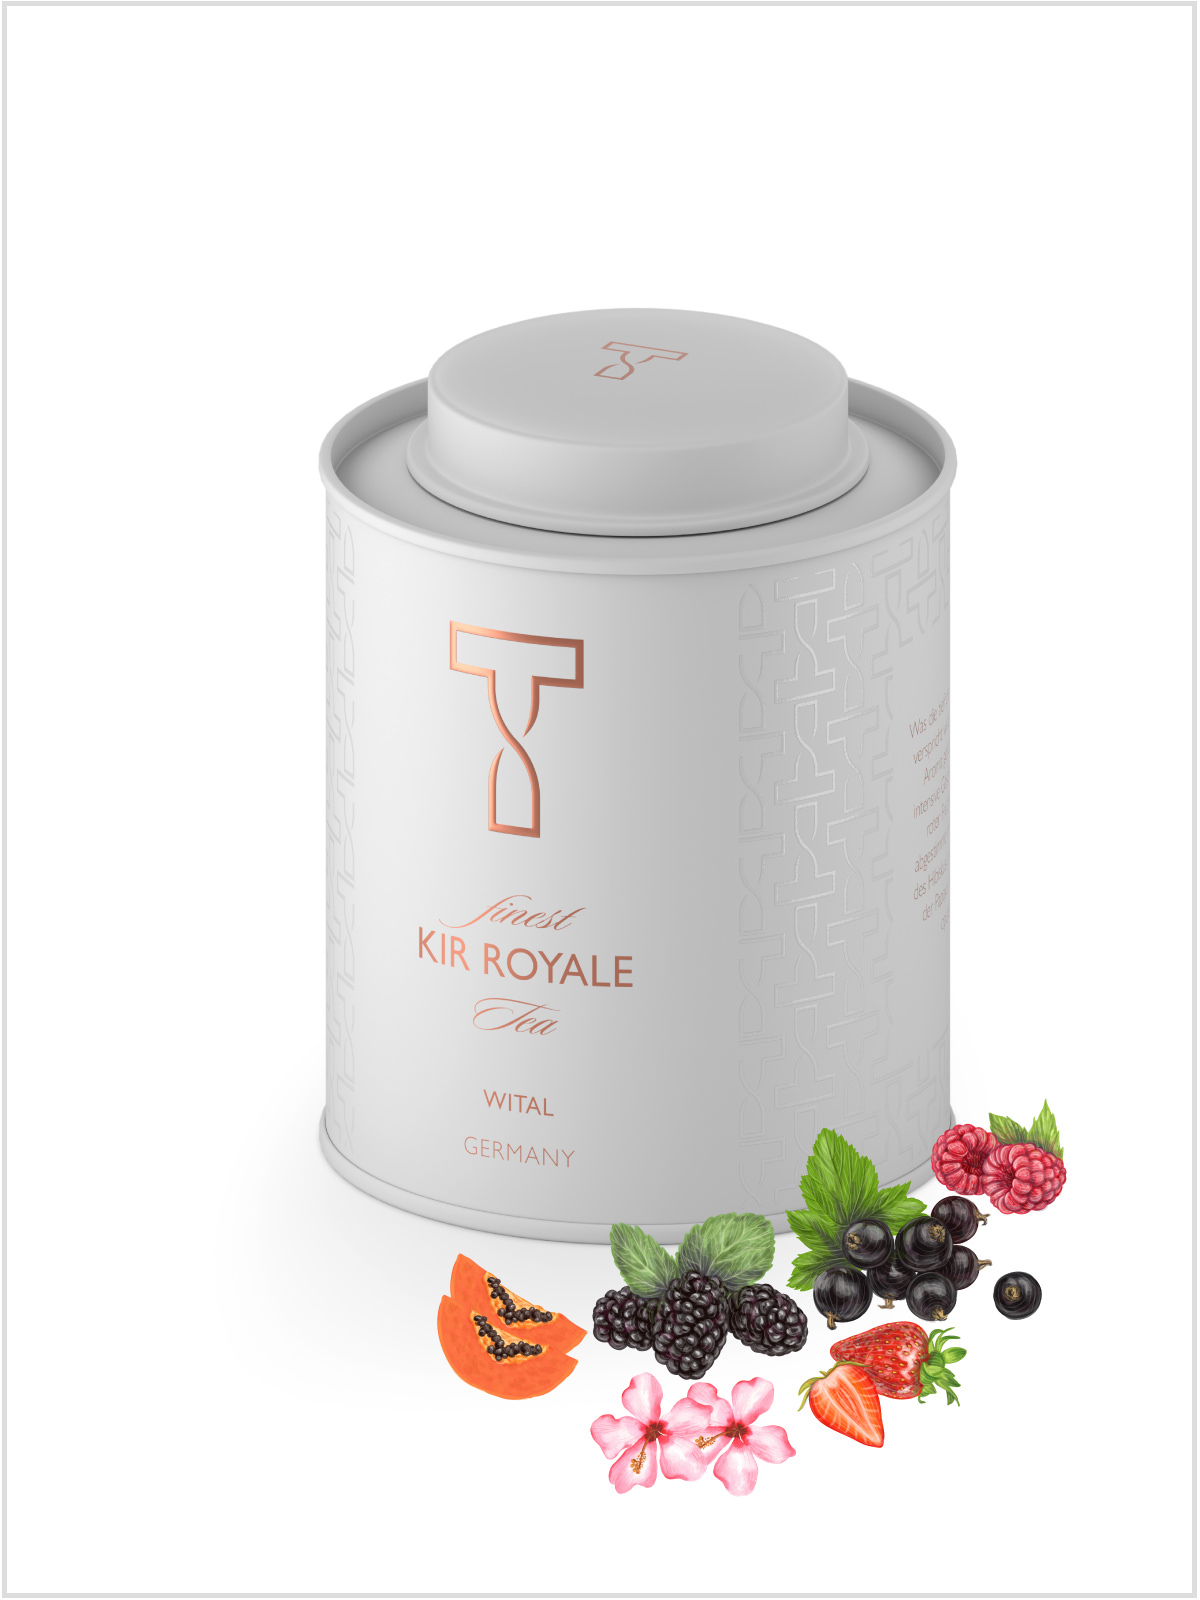 frederickandsophie-gourmet-wital-kir-royale-tea